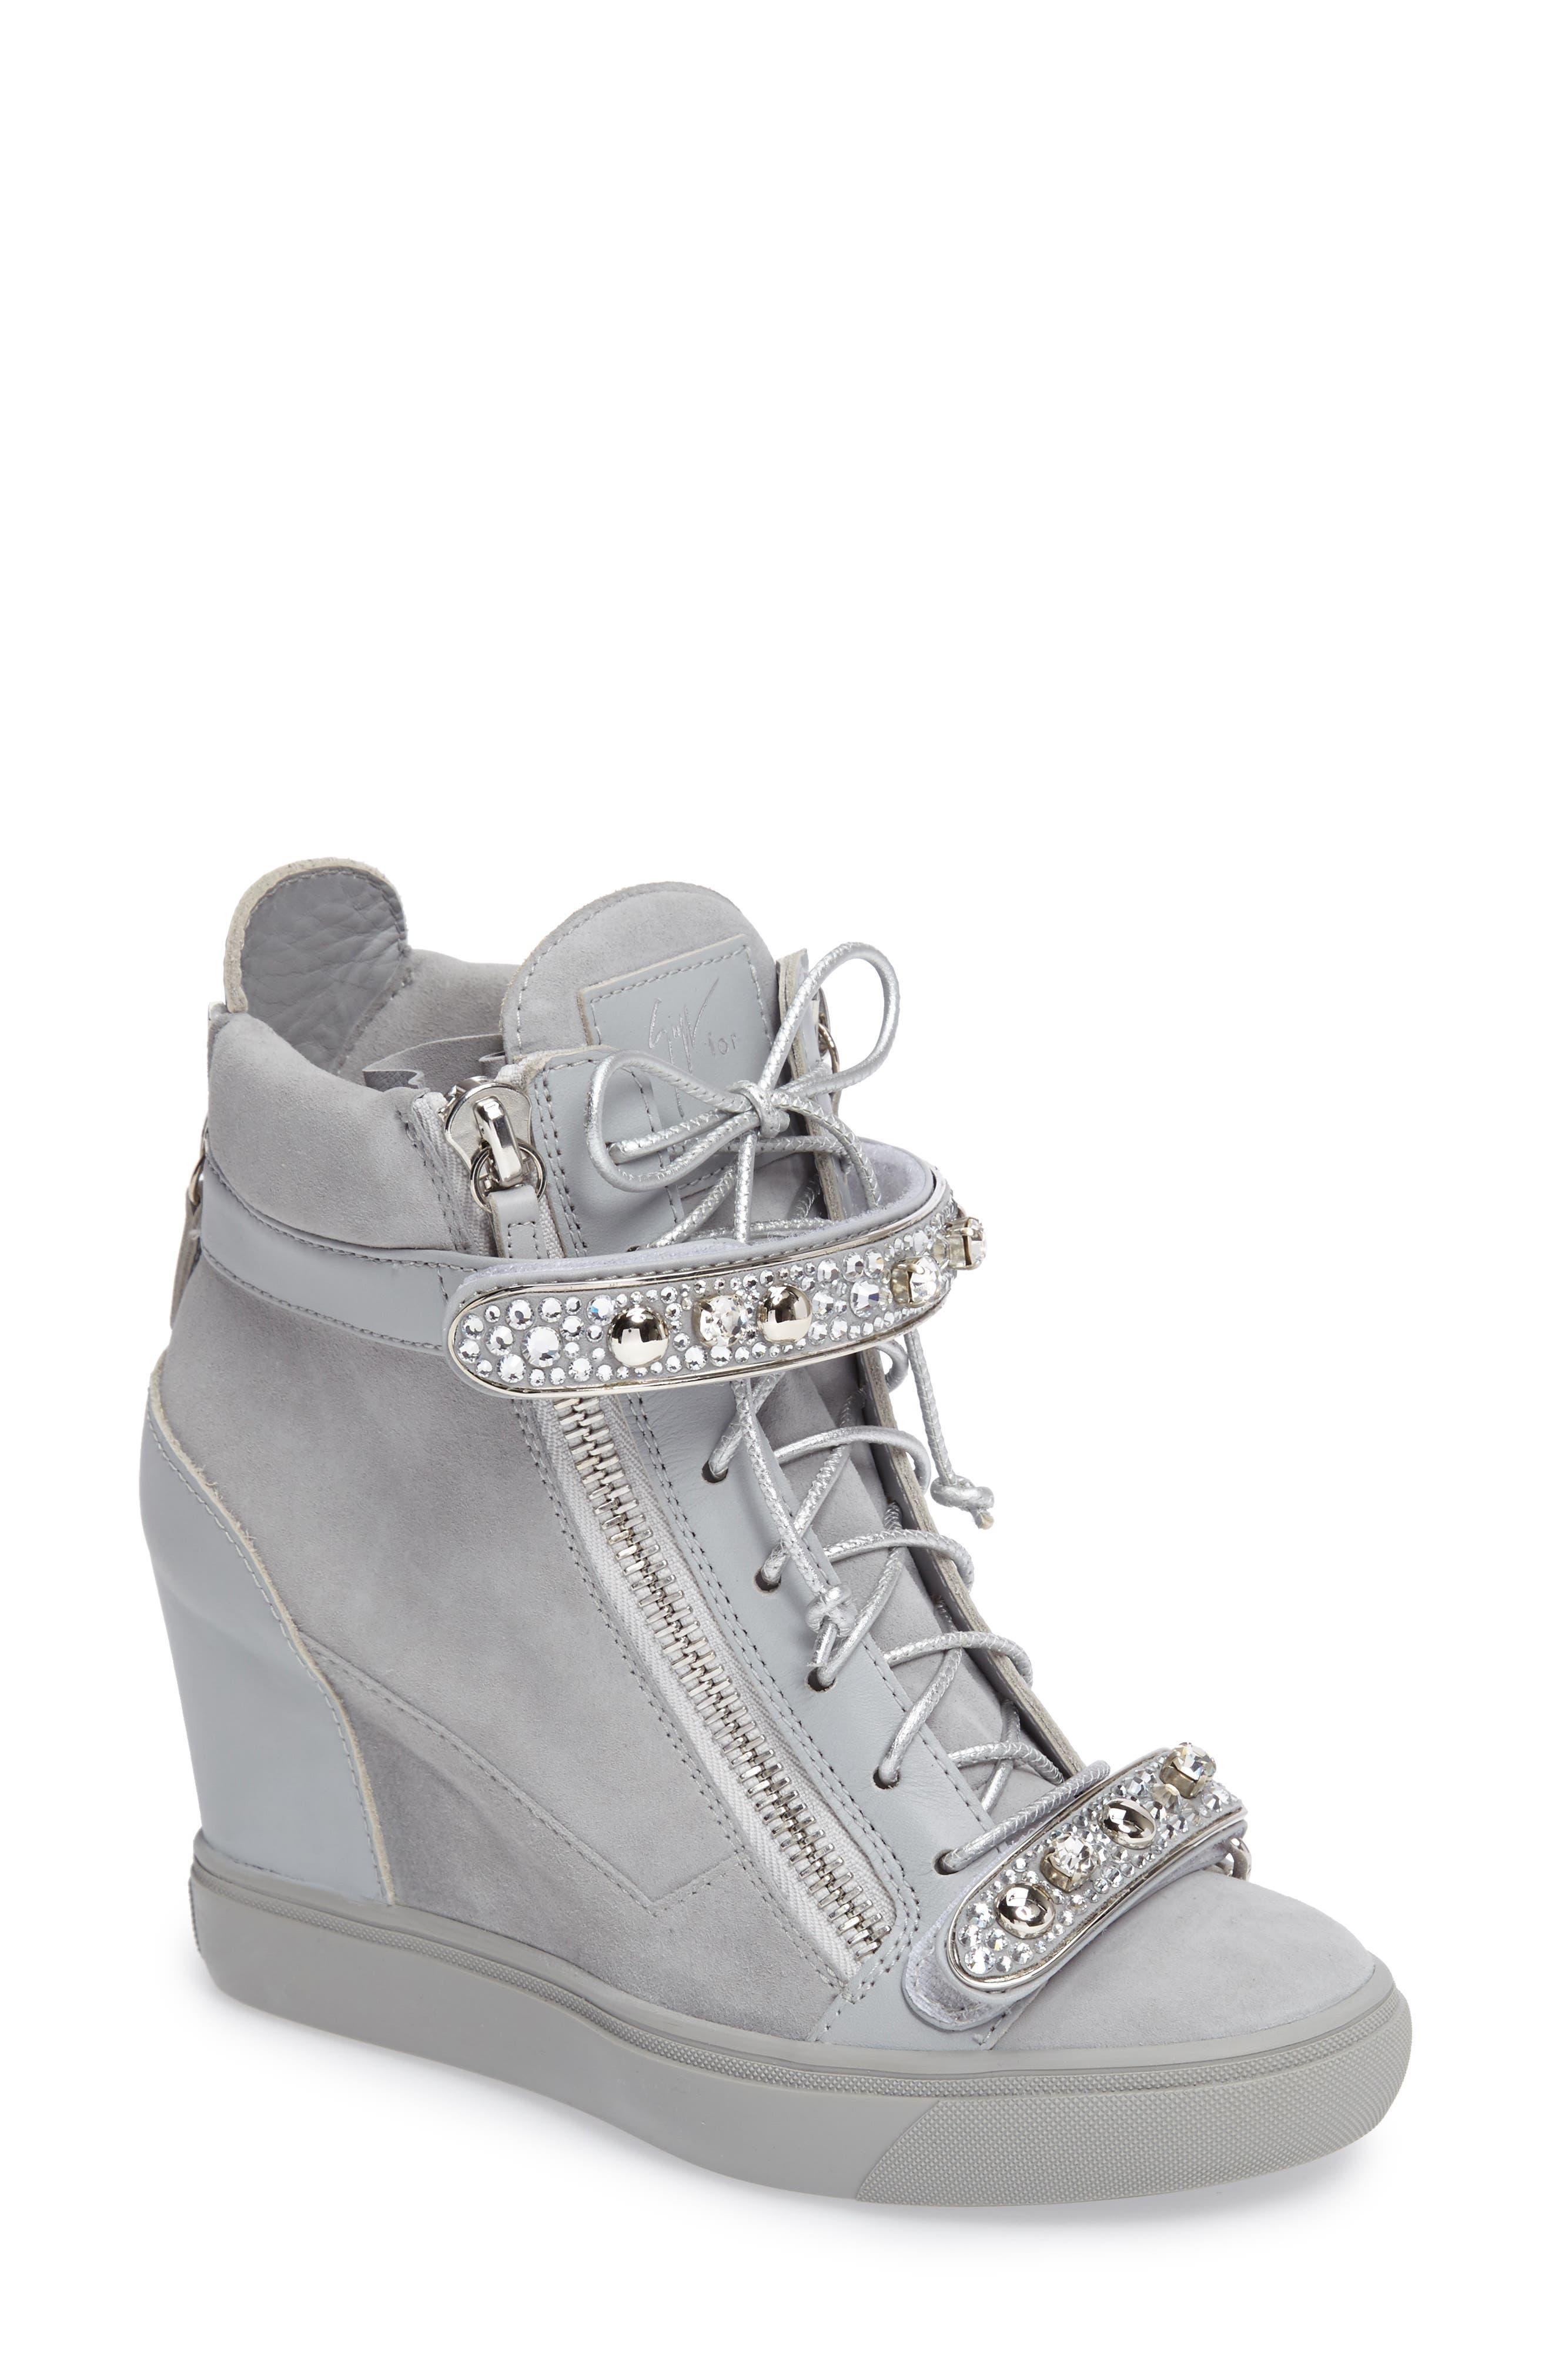 Giuseppe for Jennifer Lopez Tiana Hidden Wedge Sneaker,                             Main thumbnail 1, color,